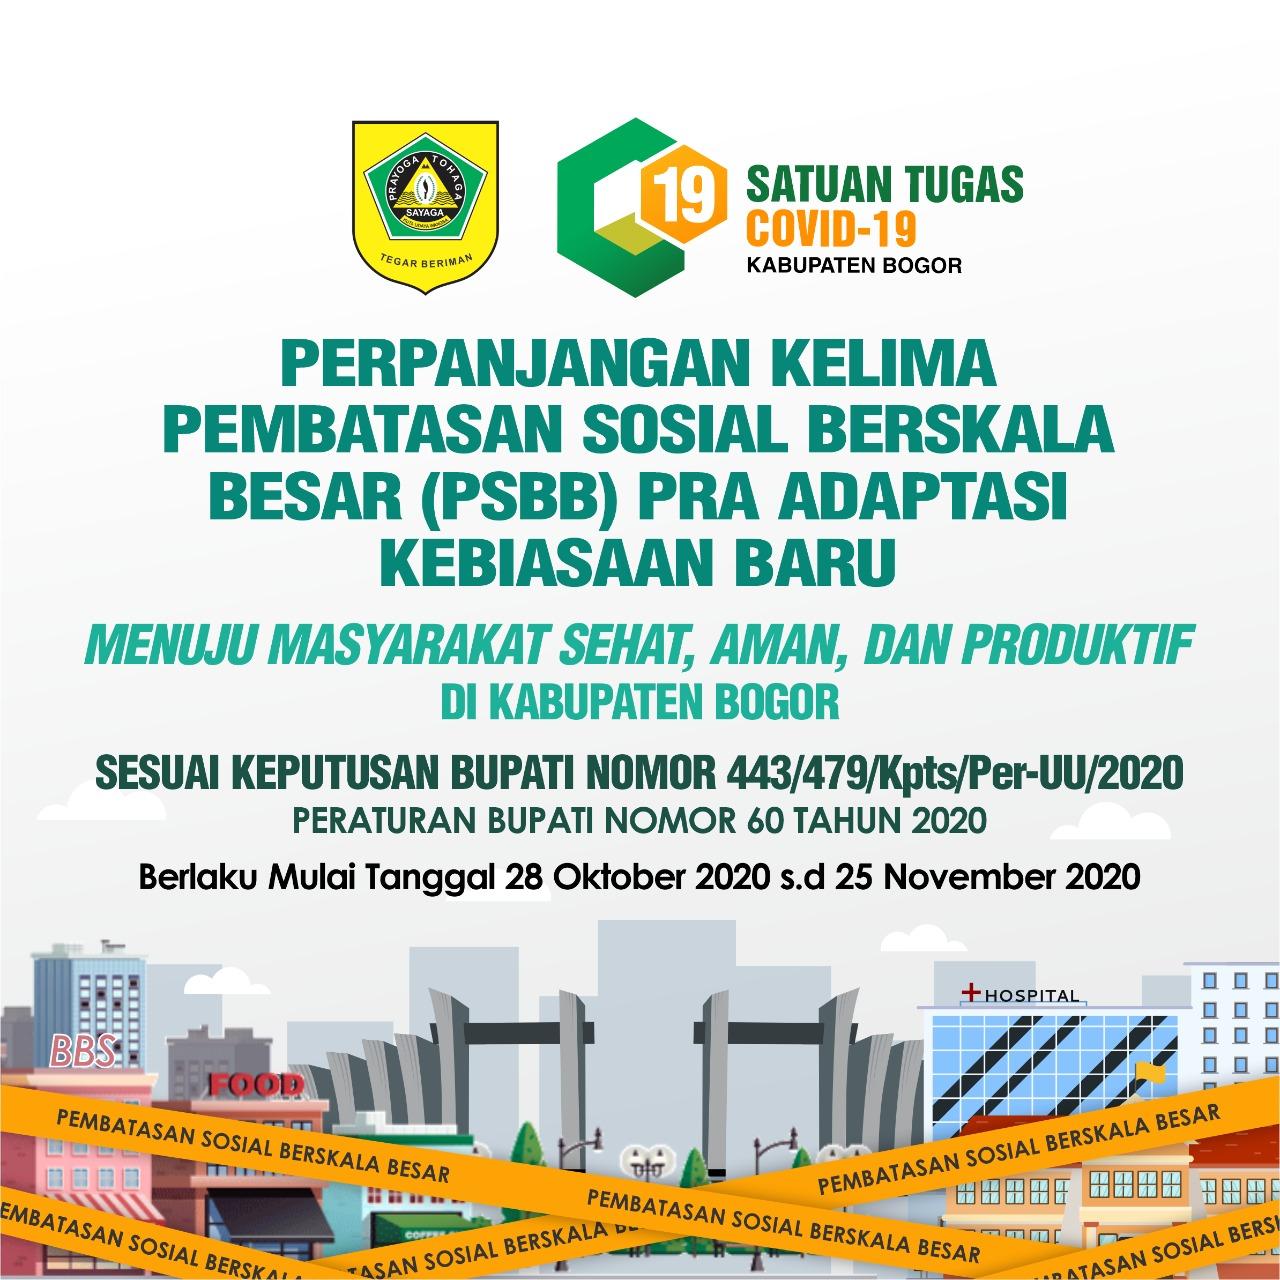 Kabupaten Bogor Kembali Perpanjang PSBB Pra Adaptasi Kebiasaan Baru